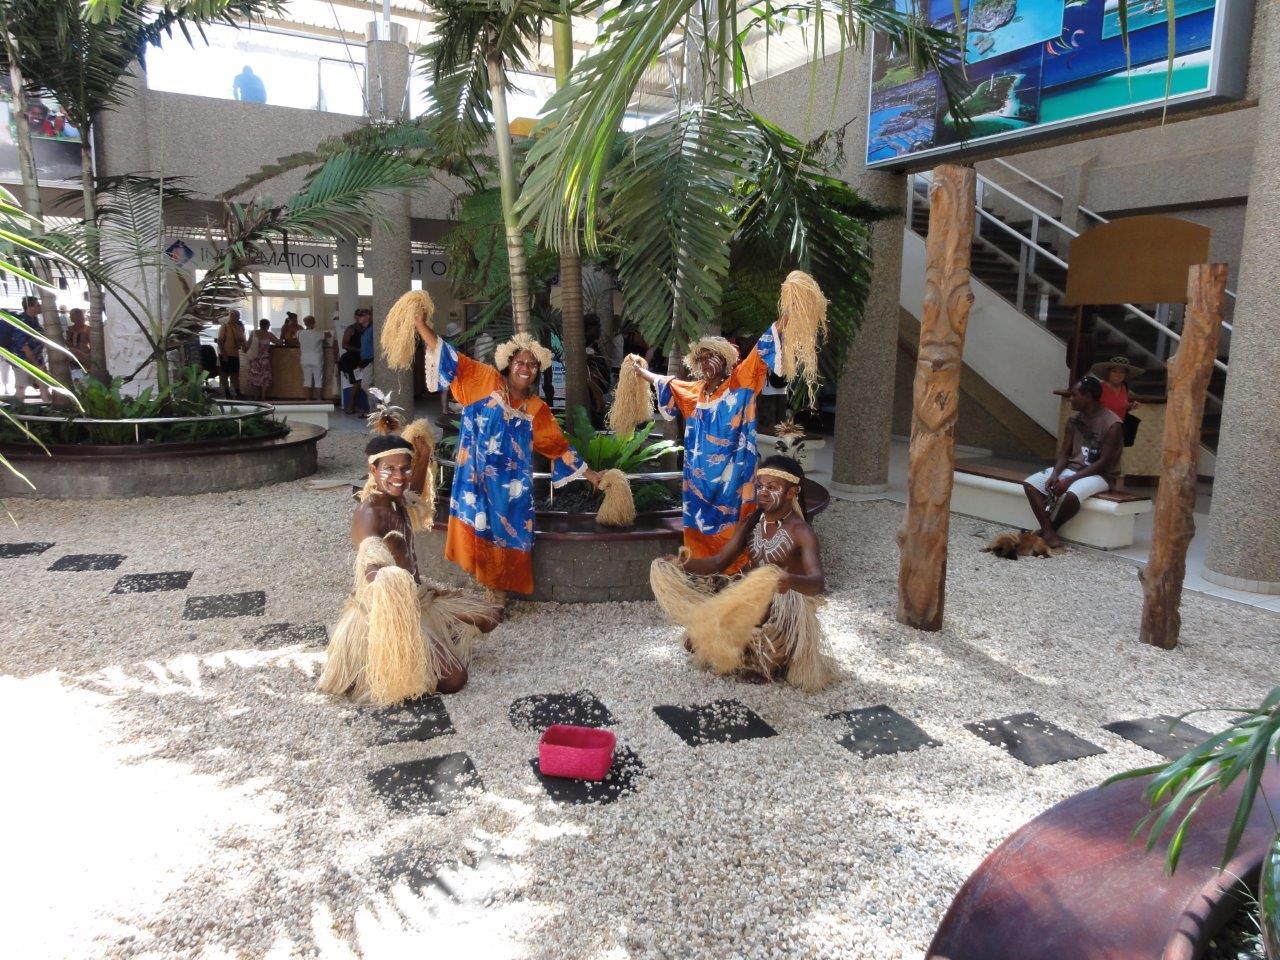 Yeni Kaledonya Yurtdışı Kargo Gönderimi - Evrak | Koli | Numune